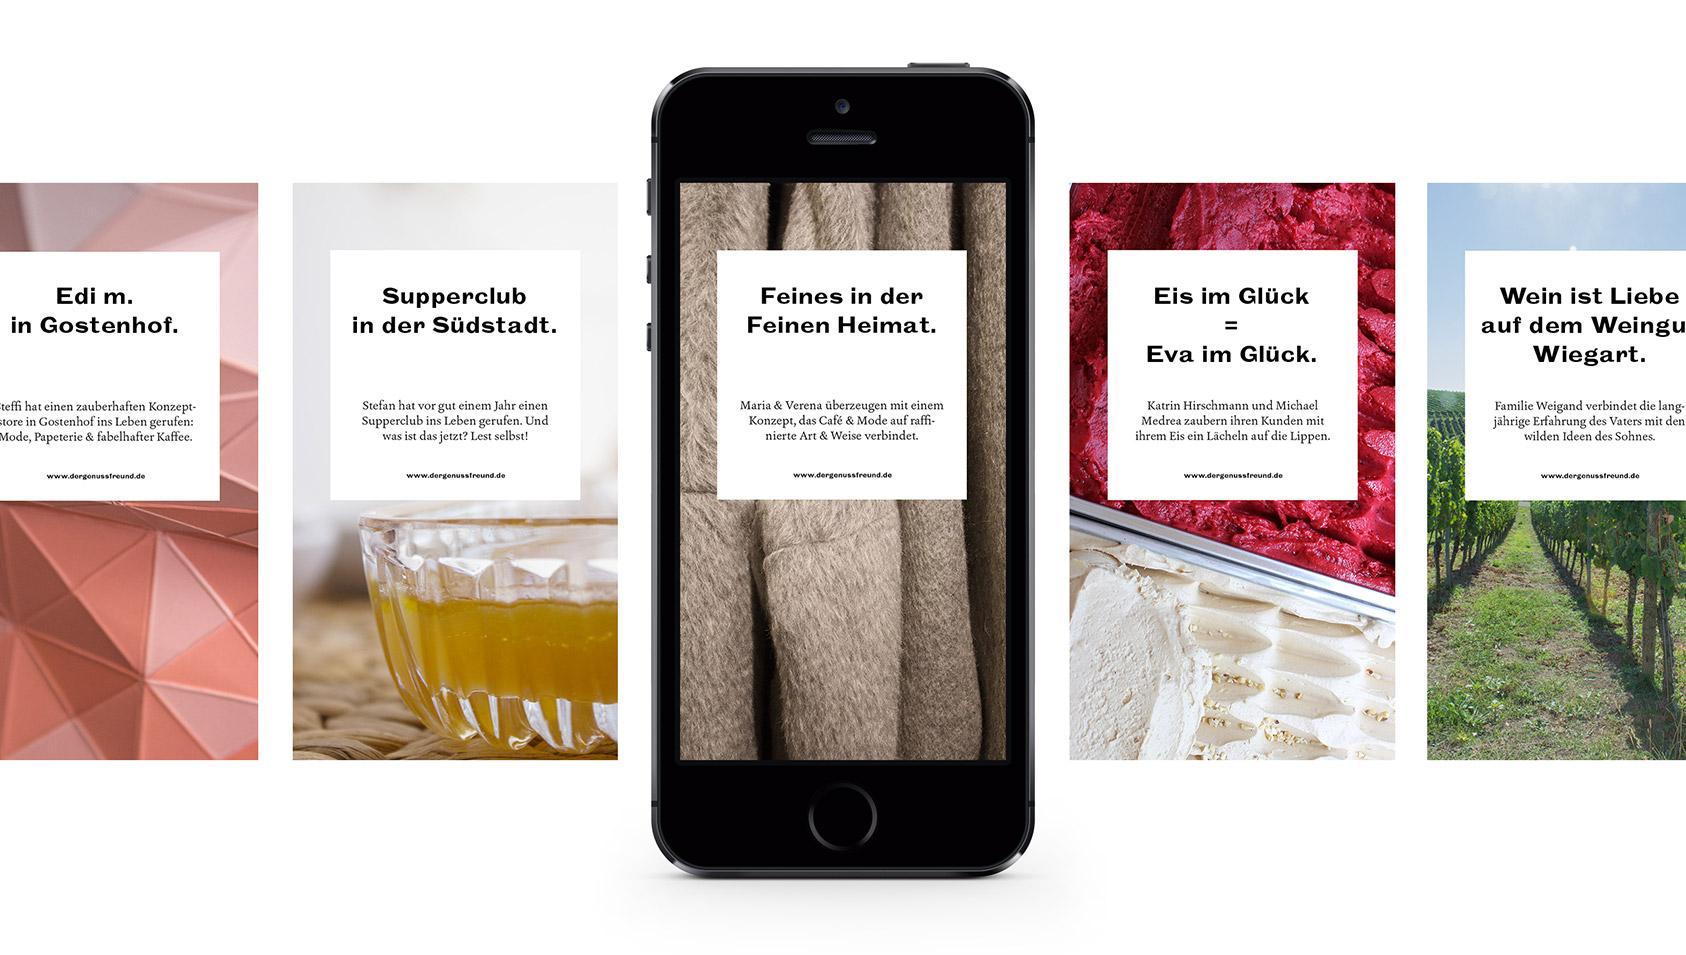 Der Genussfreund – Onlineshop und -blog für regionale Lebensmittel, Logolettering, Corporate Design, Illustration, Webdesign von ELLIJOT – Blog Intropicture Template